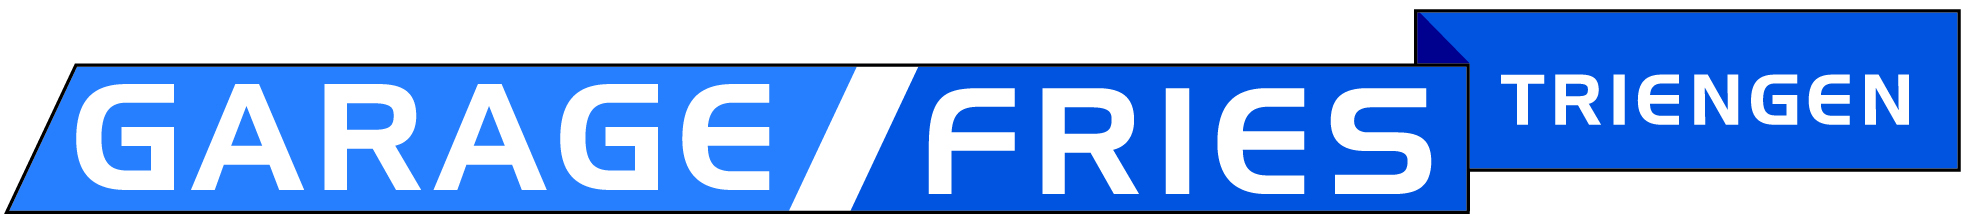 CMYK_Logo_mit_Triengen